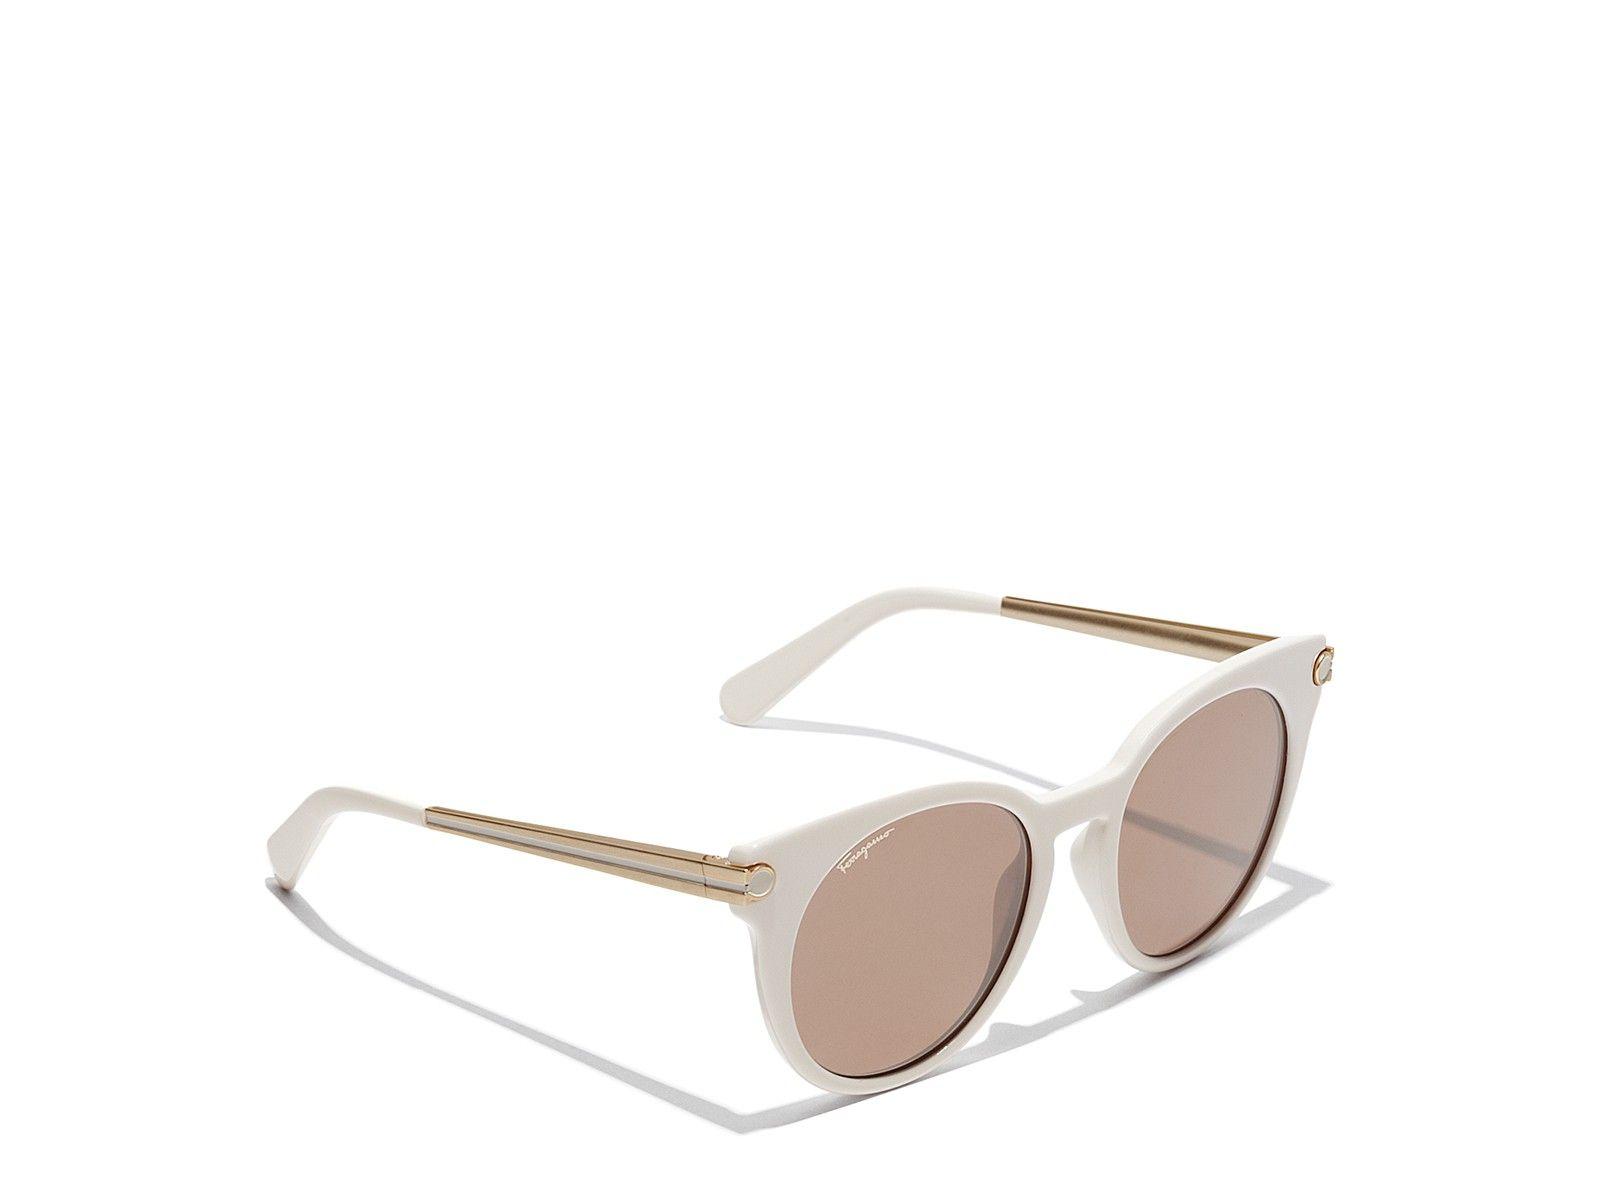 36a51687b0400 SALVATORE FERRAGAMO Sunglasses.  salvatoreferragamo  all